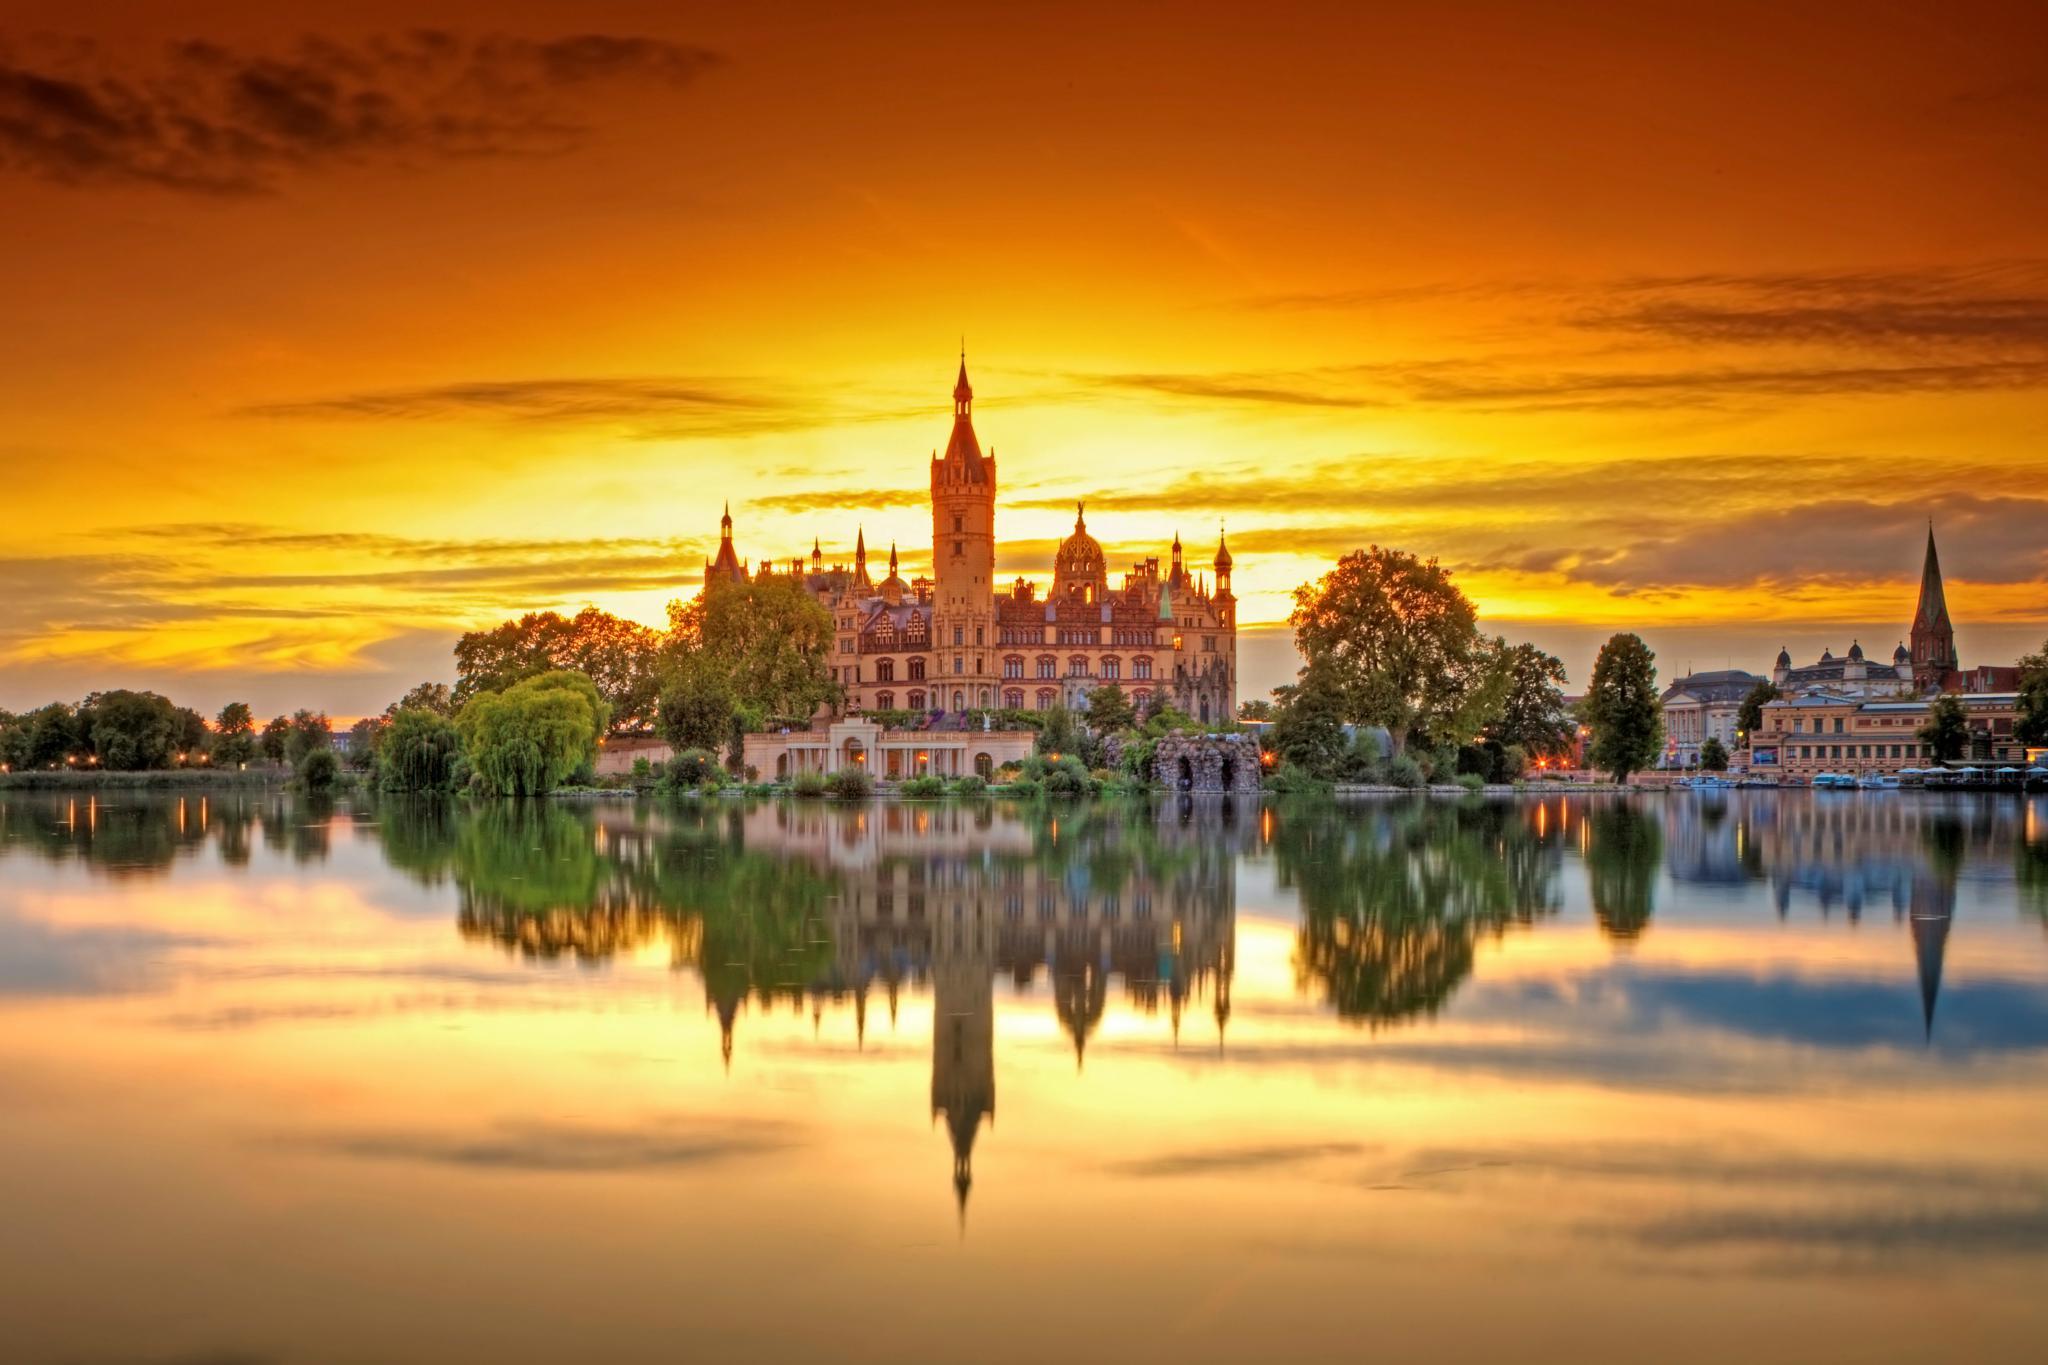 Schloss_Schwerin_co_Timm_Allrich